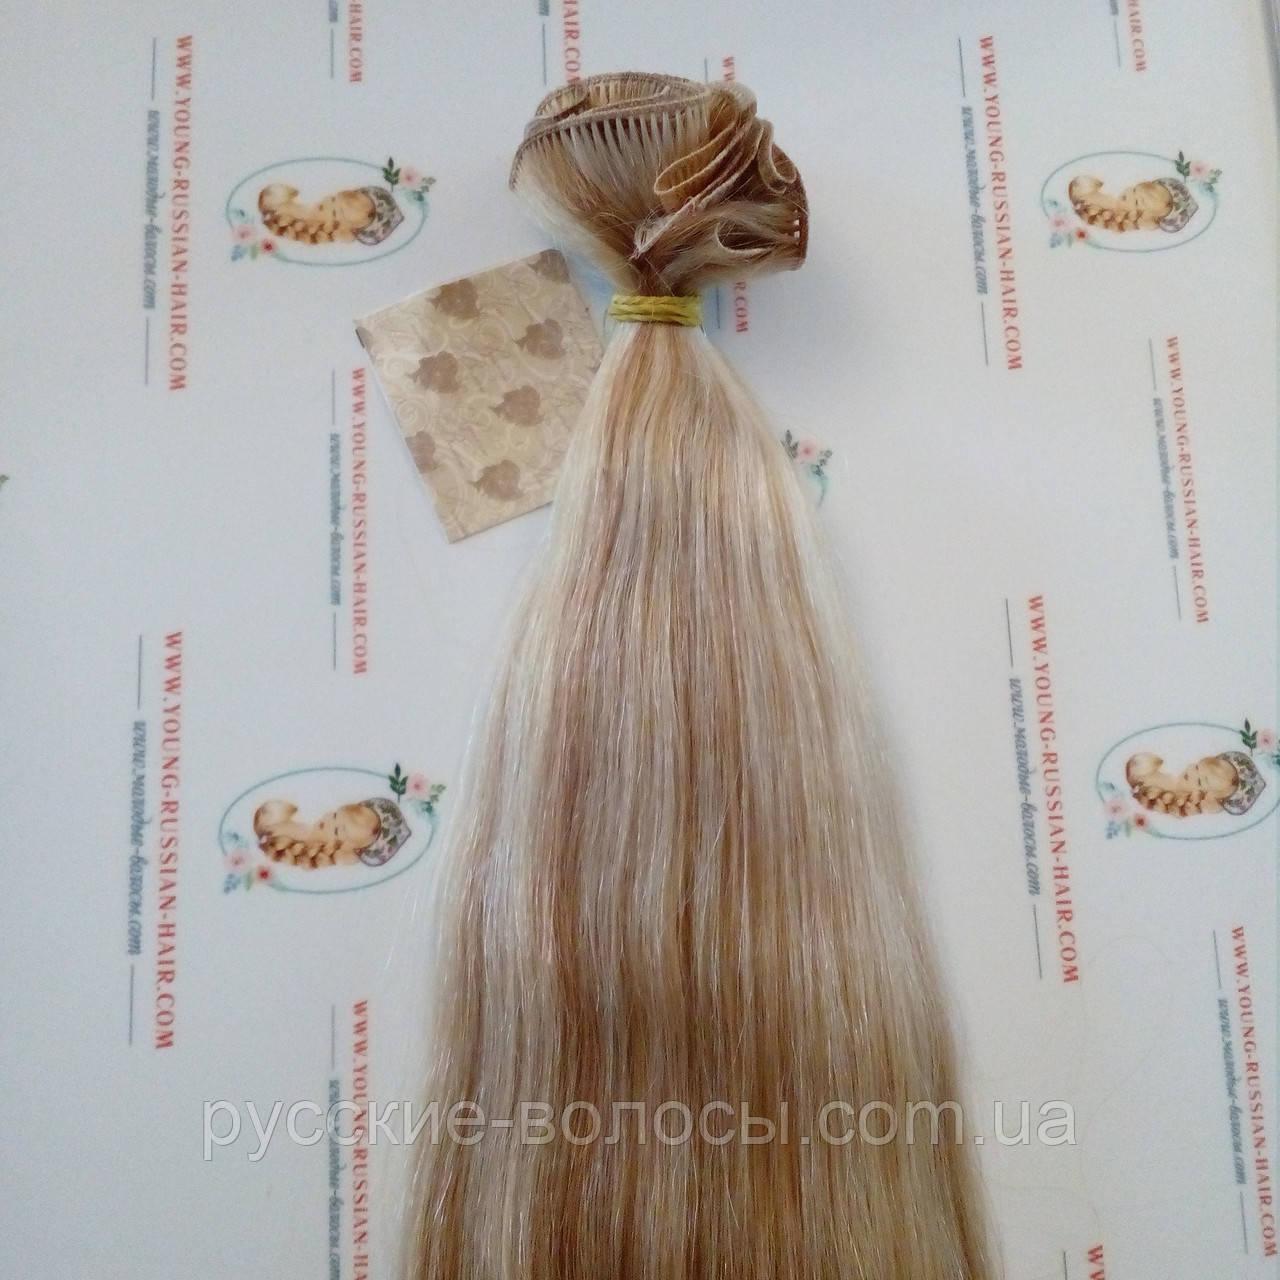 НОВЫЕ ПОСТУПЛЕНИЯ!!! Ручной тресс из славянских волос 59 см. Мелированный